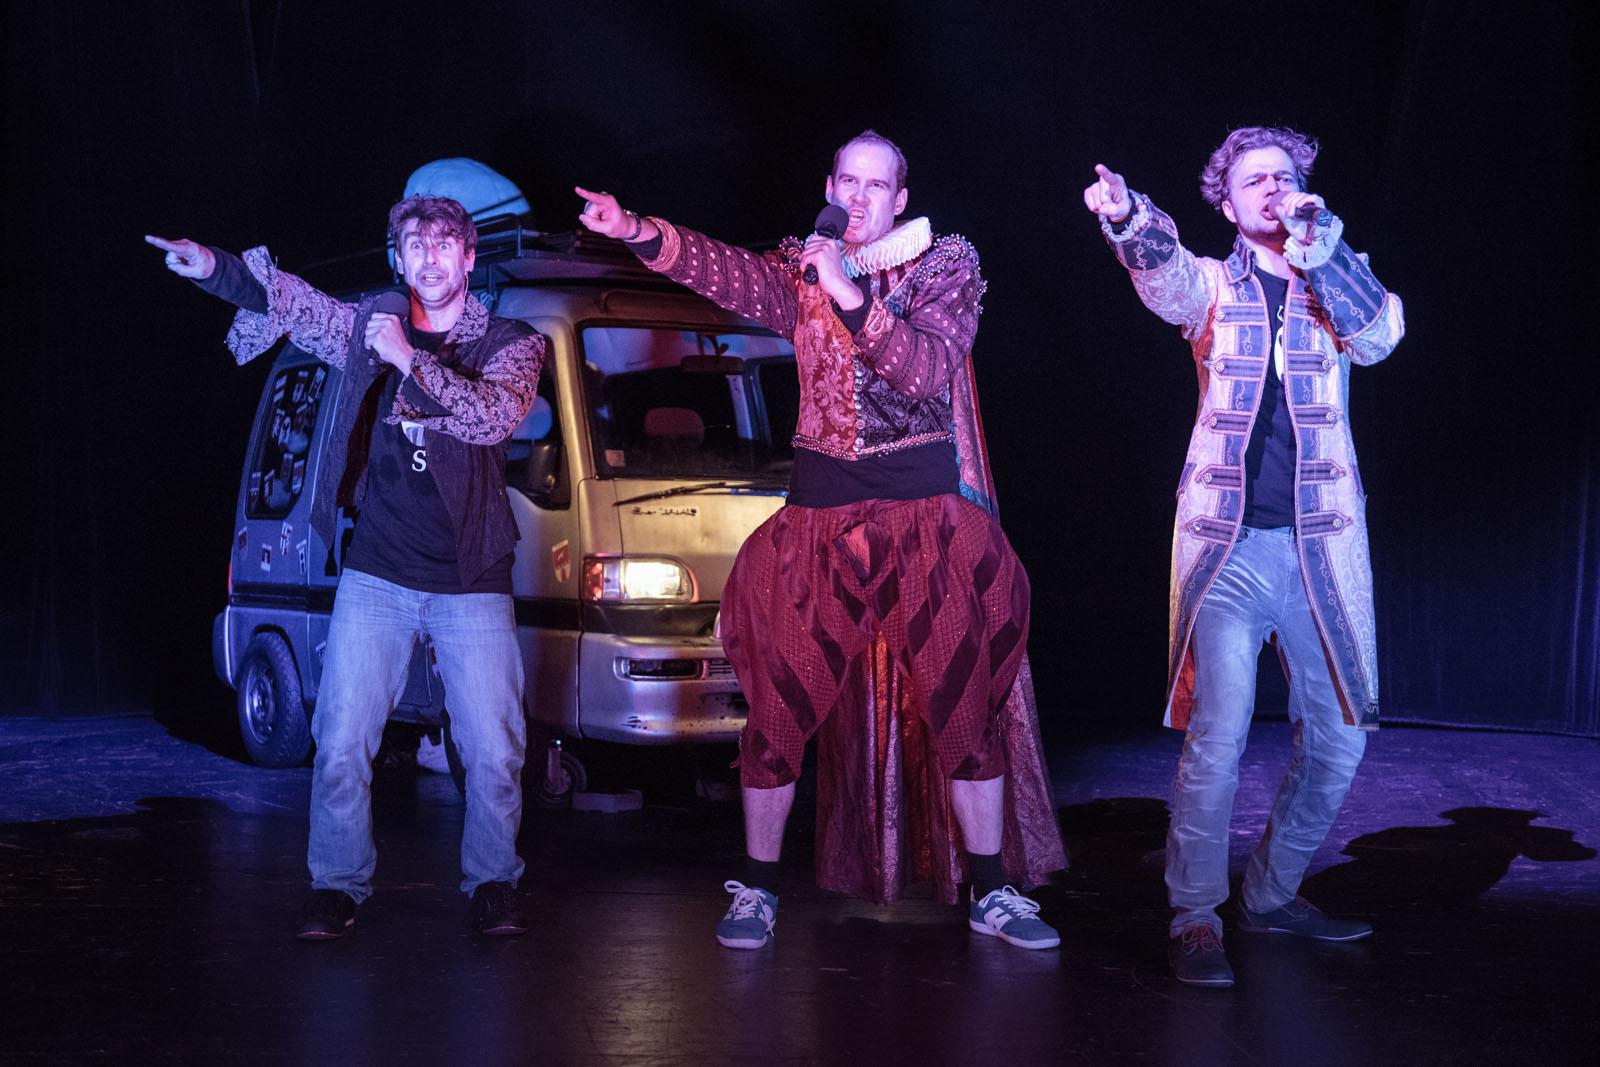 Jak ve 120 minutách přiblížit kompletní dílo Shakespeara, zparodovat teleshopping a vysmát se Milevsku aneb Nové shakespearovské představení v Jihočeském divadle